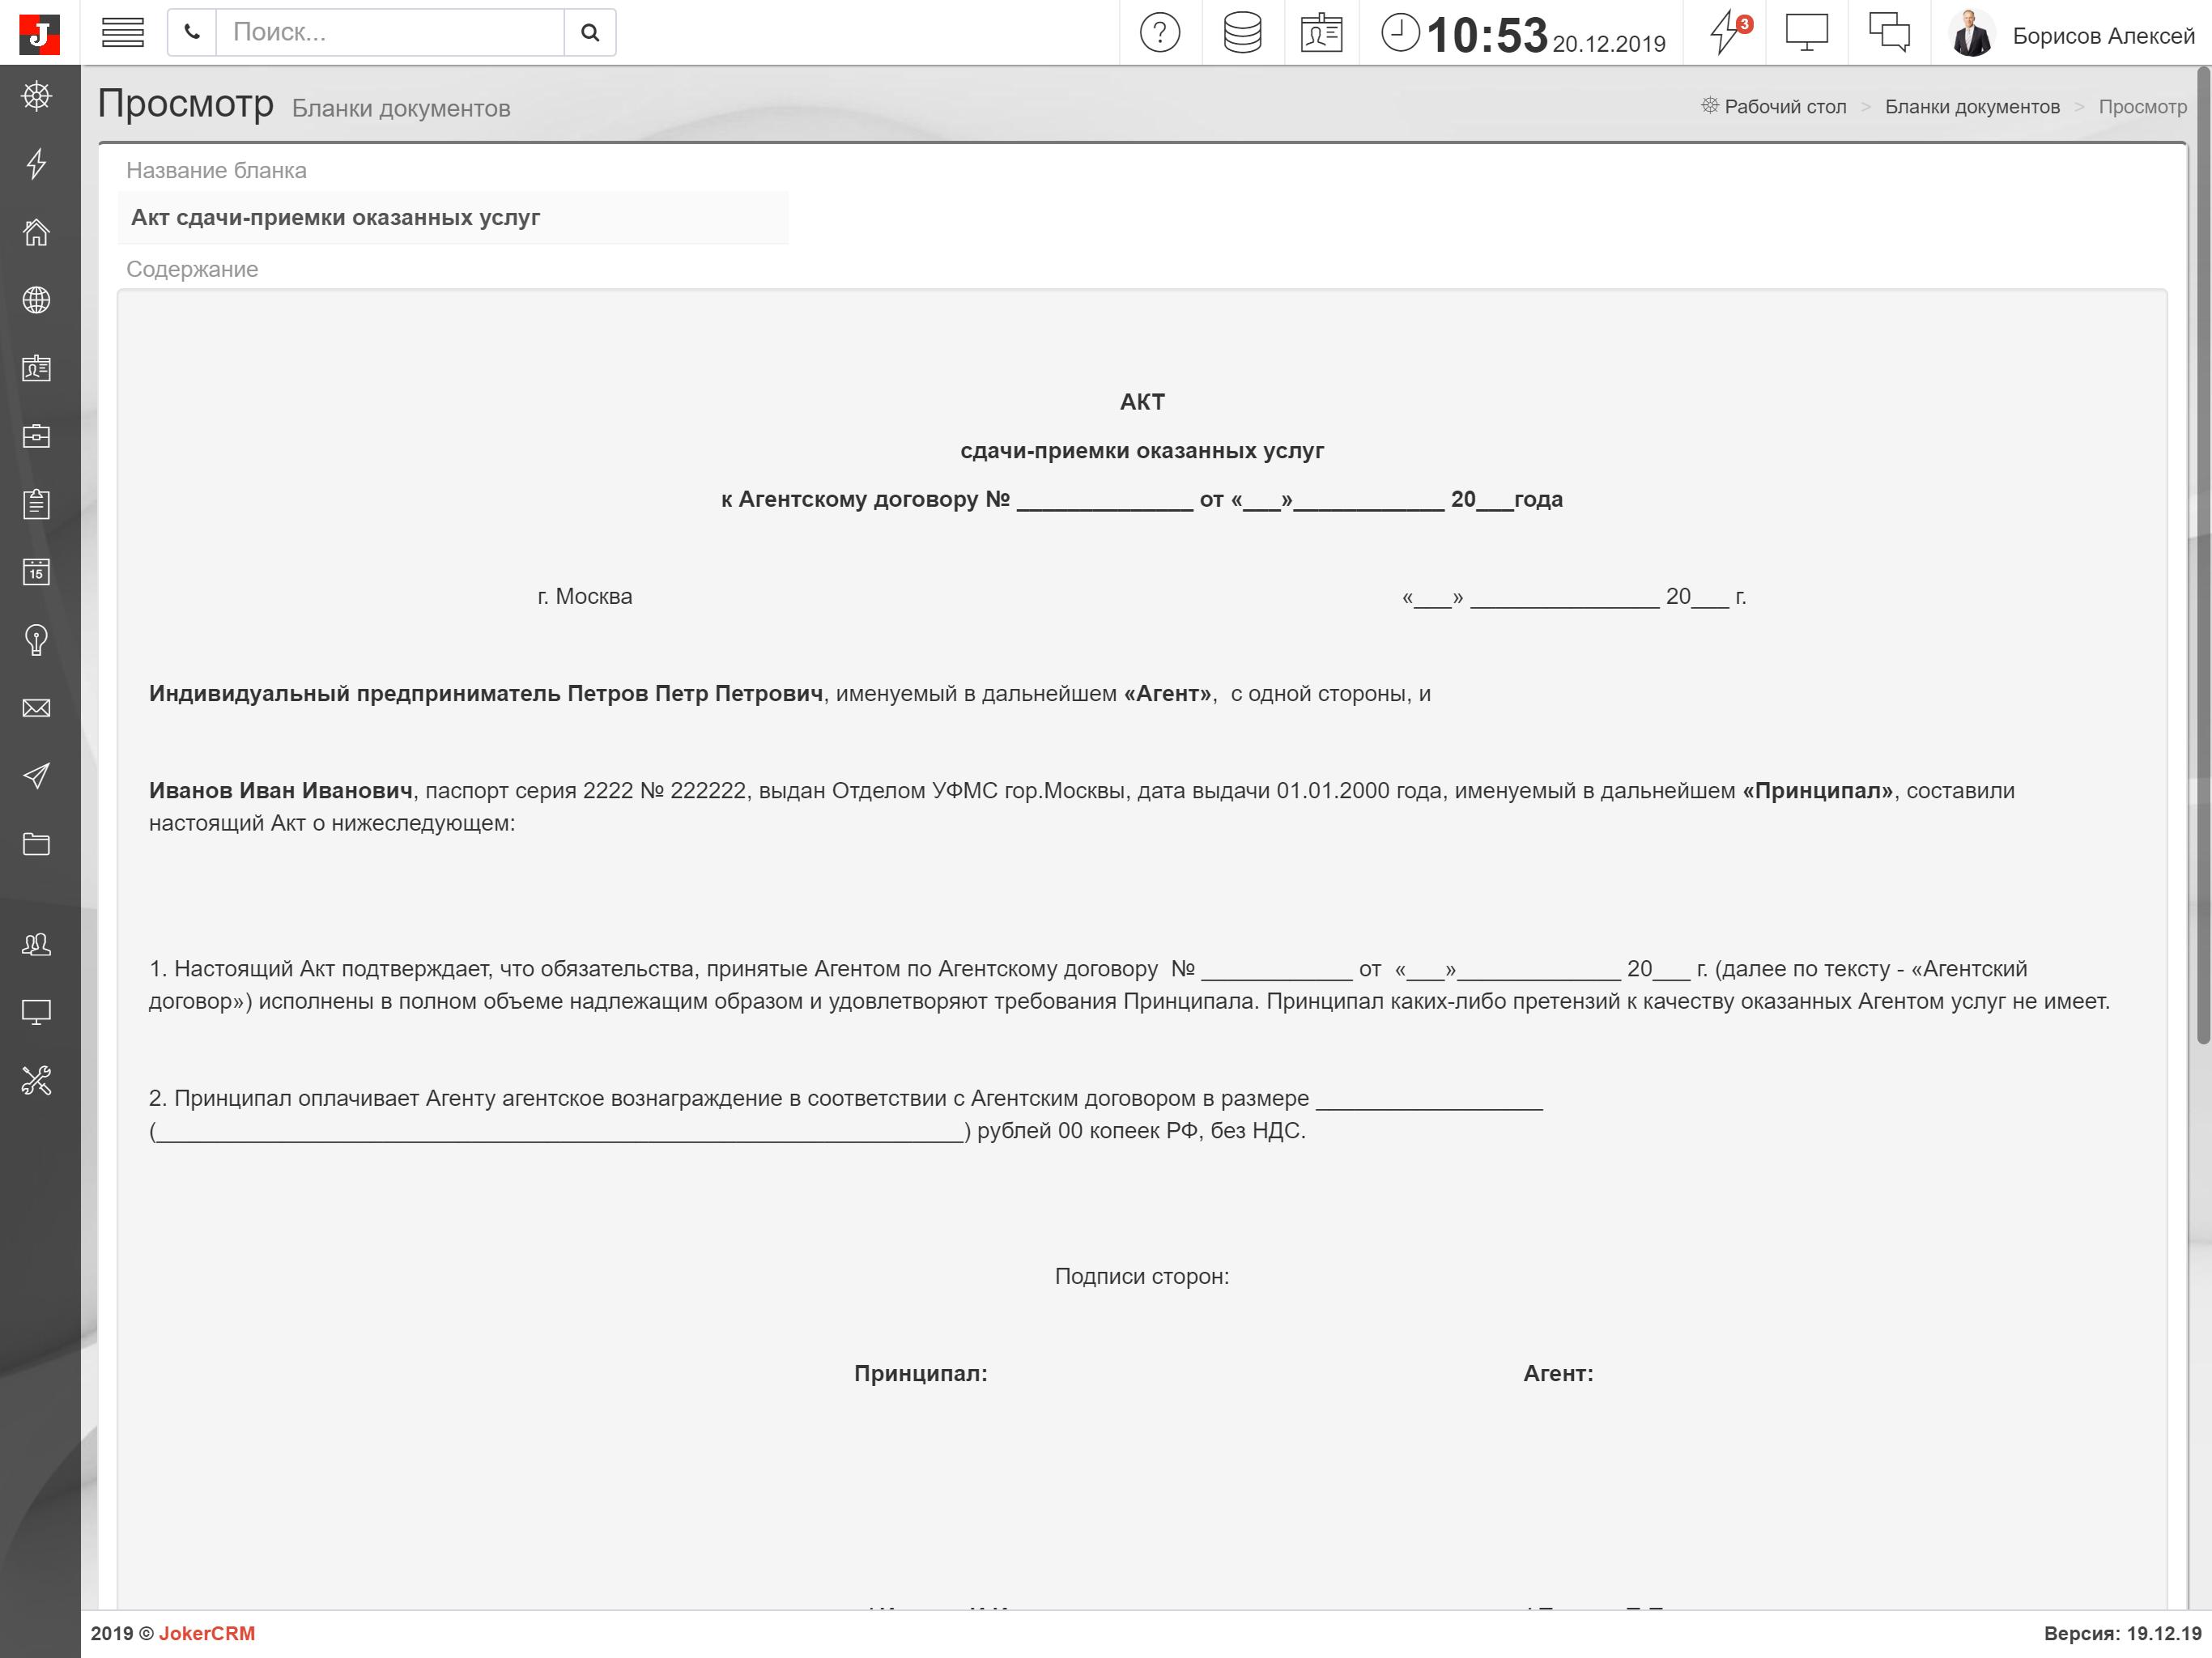 Автозаполнение бланка документа в CRM